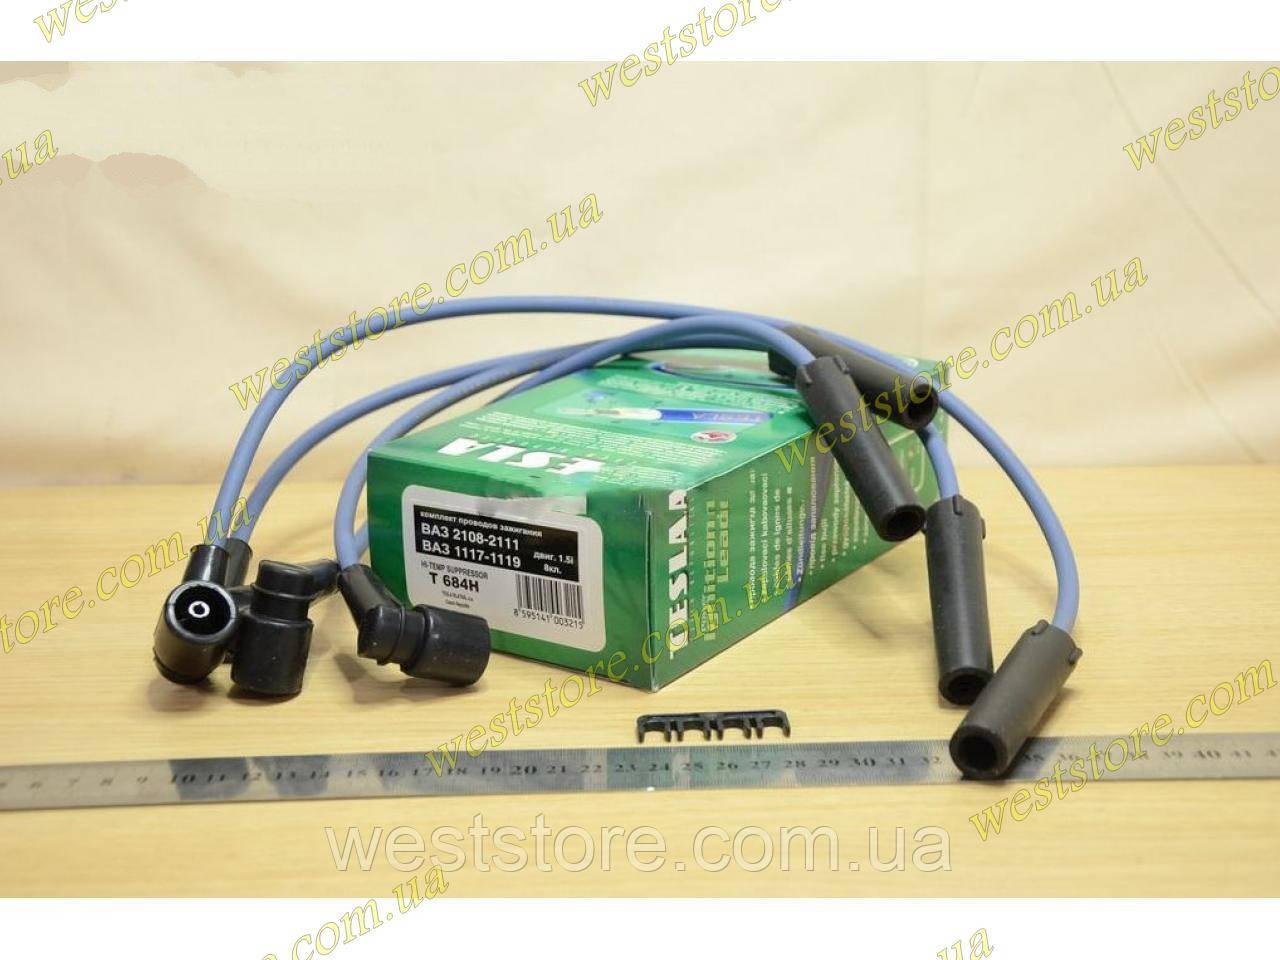 Провода свечные зажигания Ваз 2108 2109 2110 2113 2114 2115 sens сенс инжектор 8 кл 1117-1119 Сенс инжектор